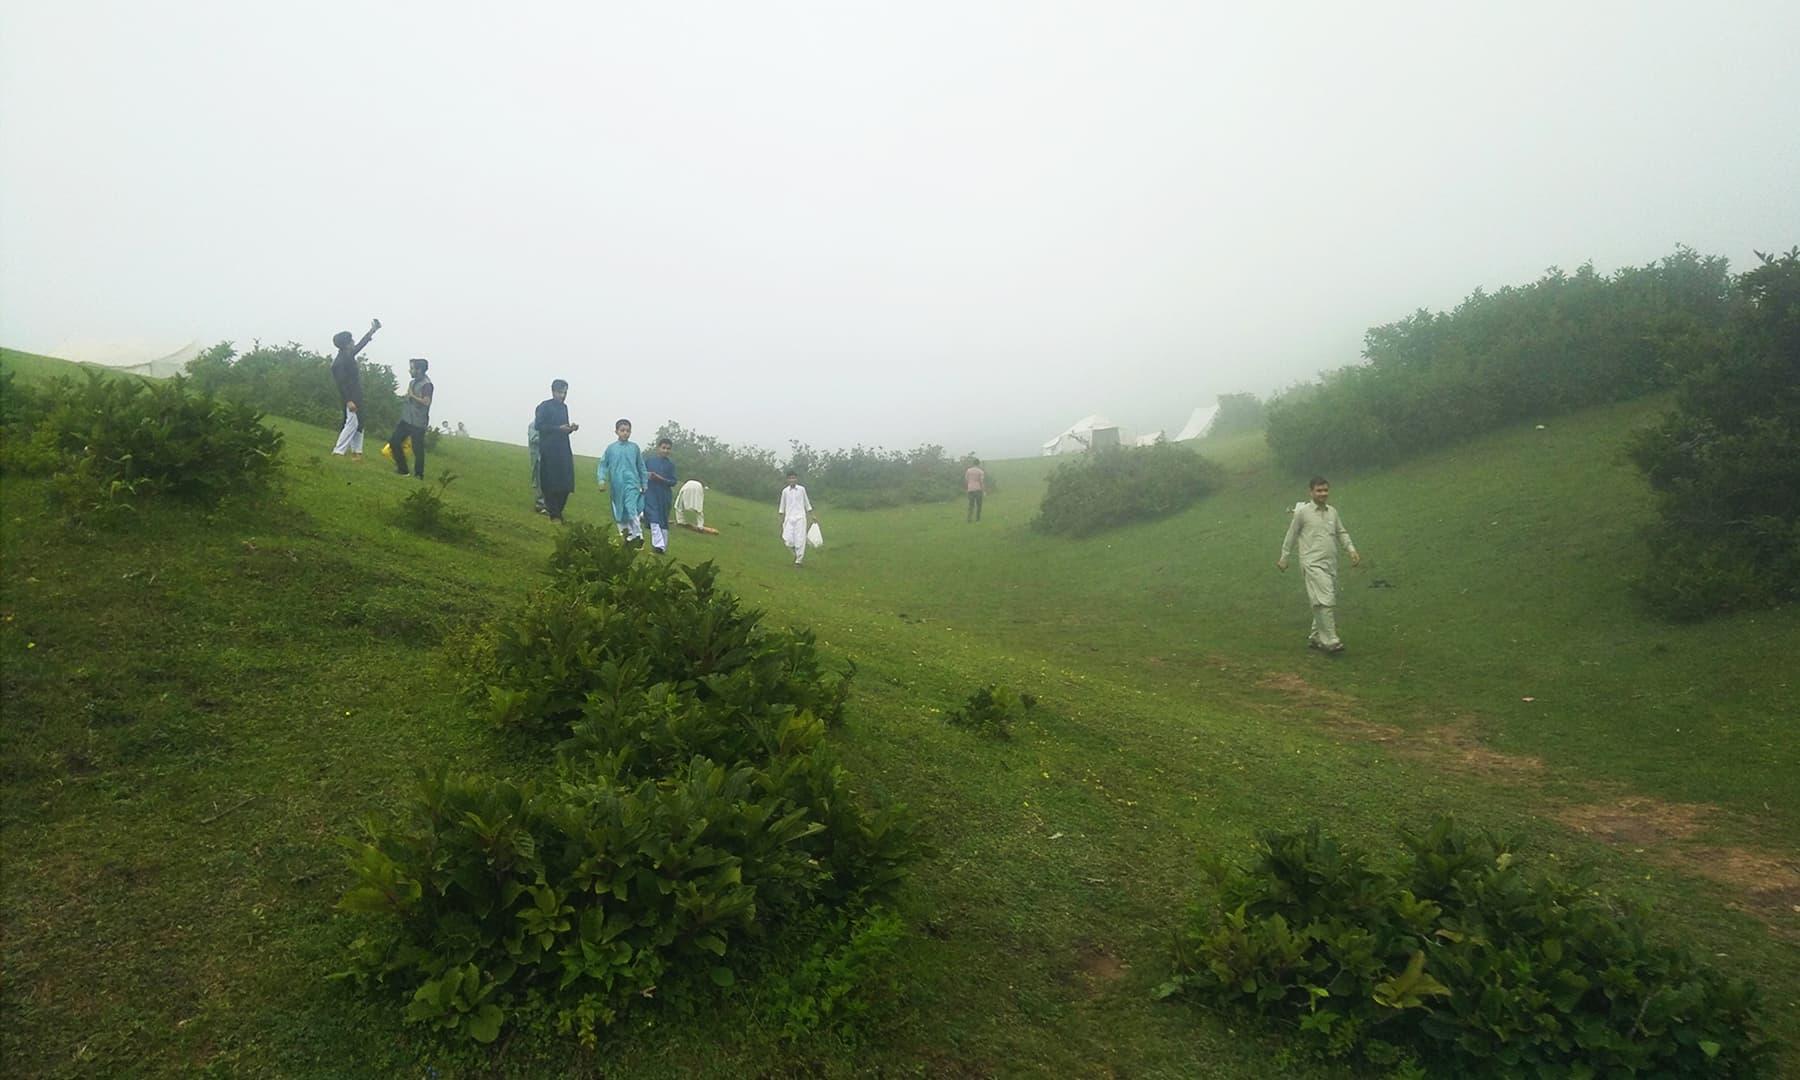 سرسبز پہاڑی میدانوں کا نظارہ— عظمت اکبر